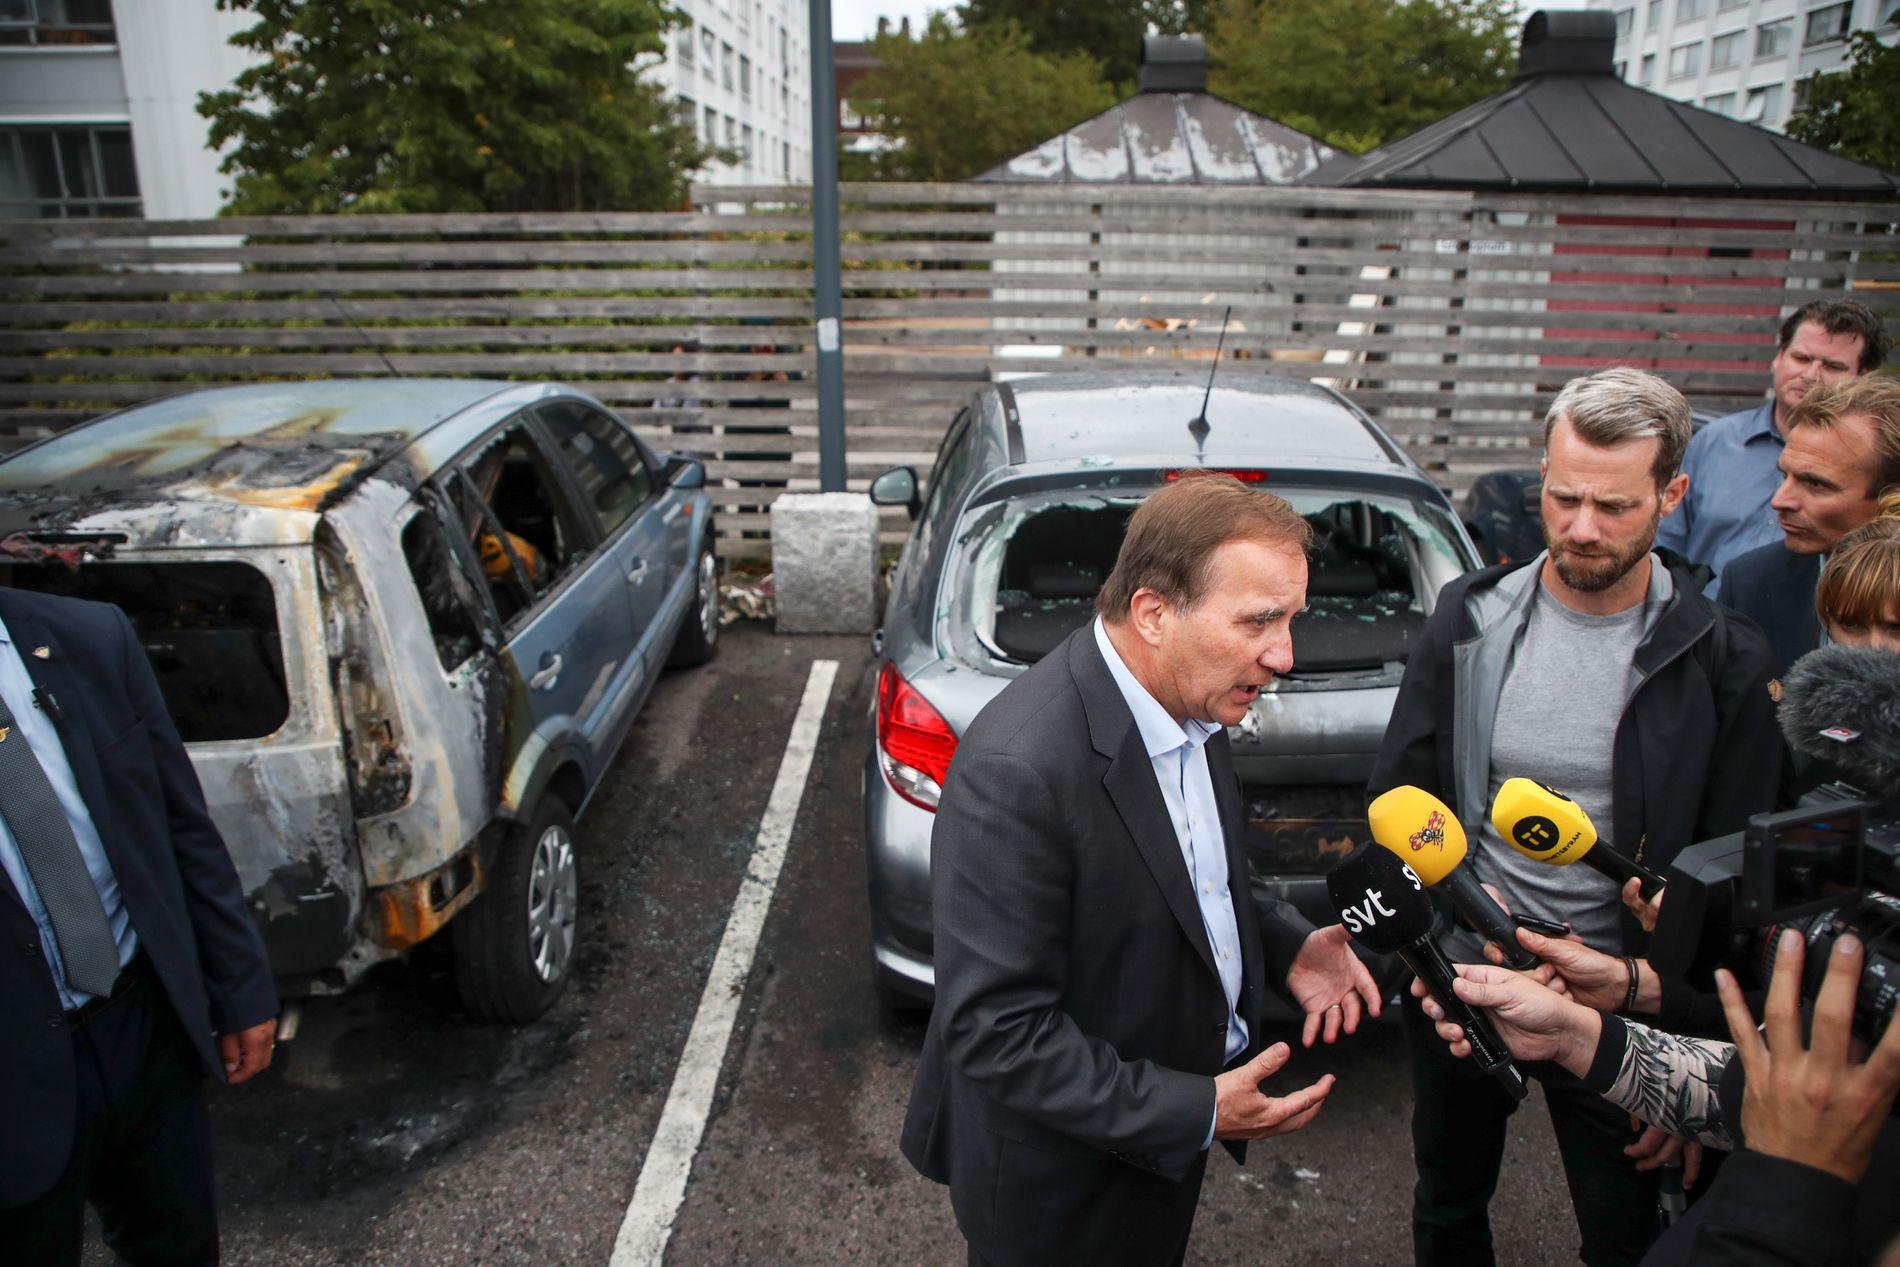 BILBRANNER: Sveriges statsminister Stefan Löfven svarer på spørsmål fra reportere på Frölunda torg i Göteborg, etter mandagens mange påsatte bilbranner i byen.